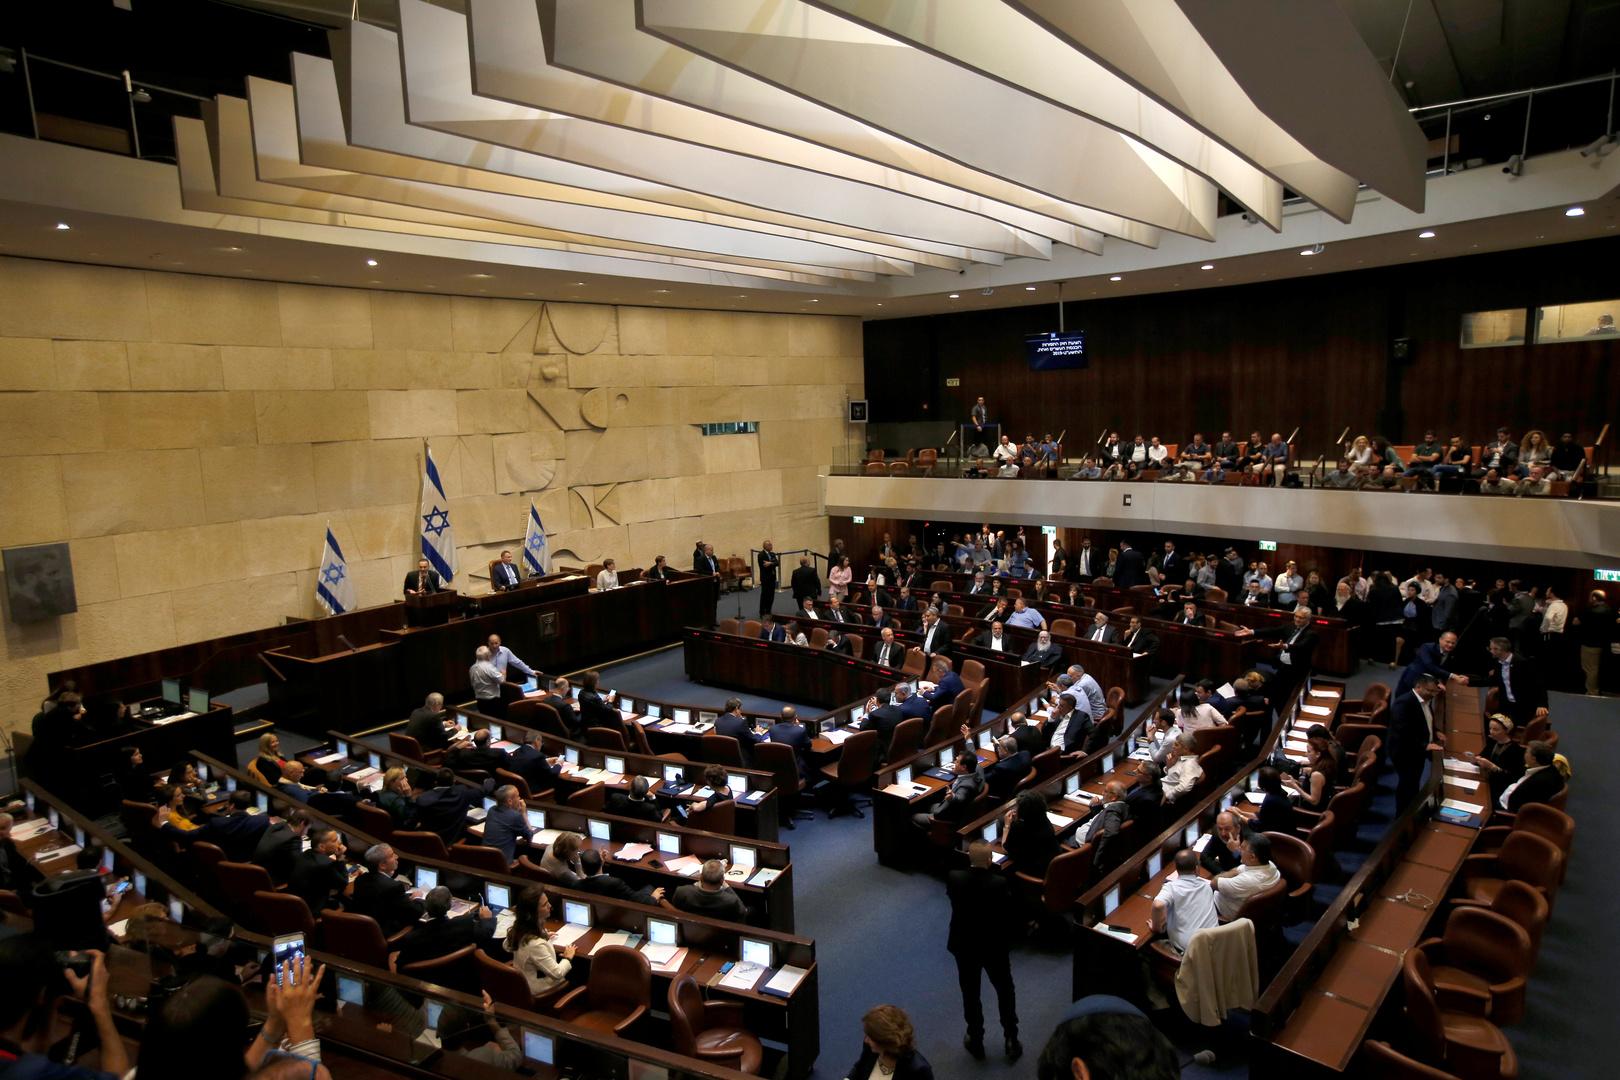 تخوف إسرائيلي من اقتحام الكنيست كما حصل في الكونغرس